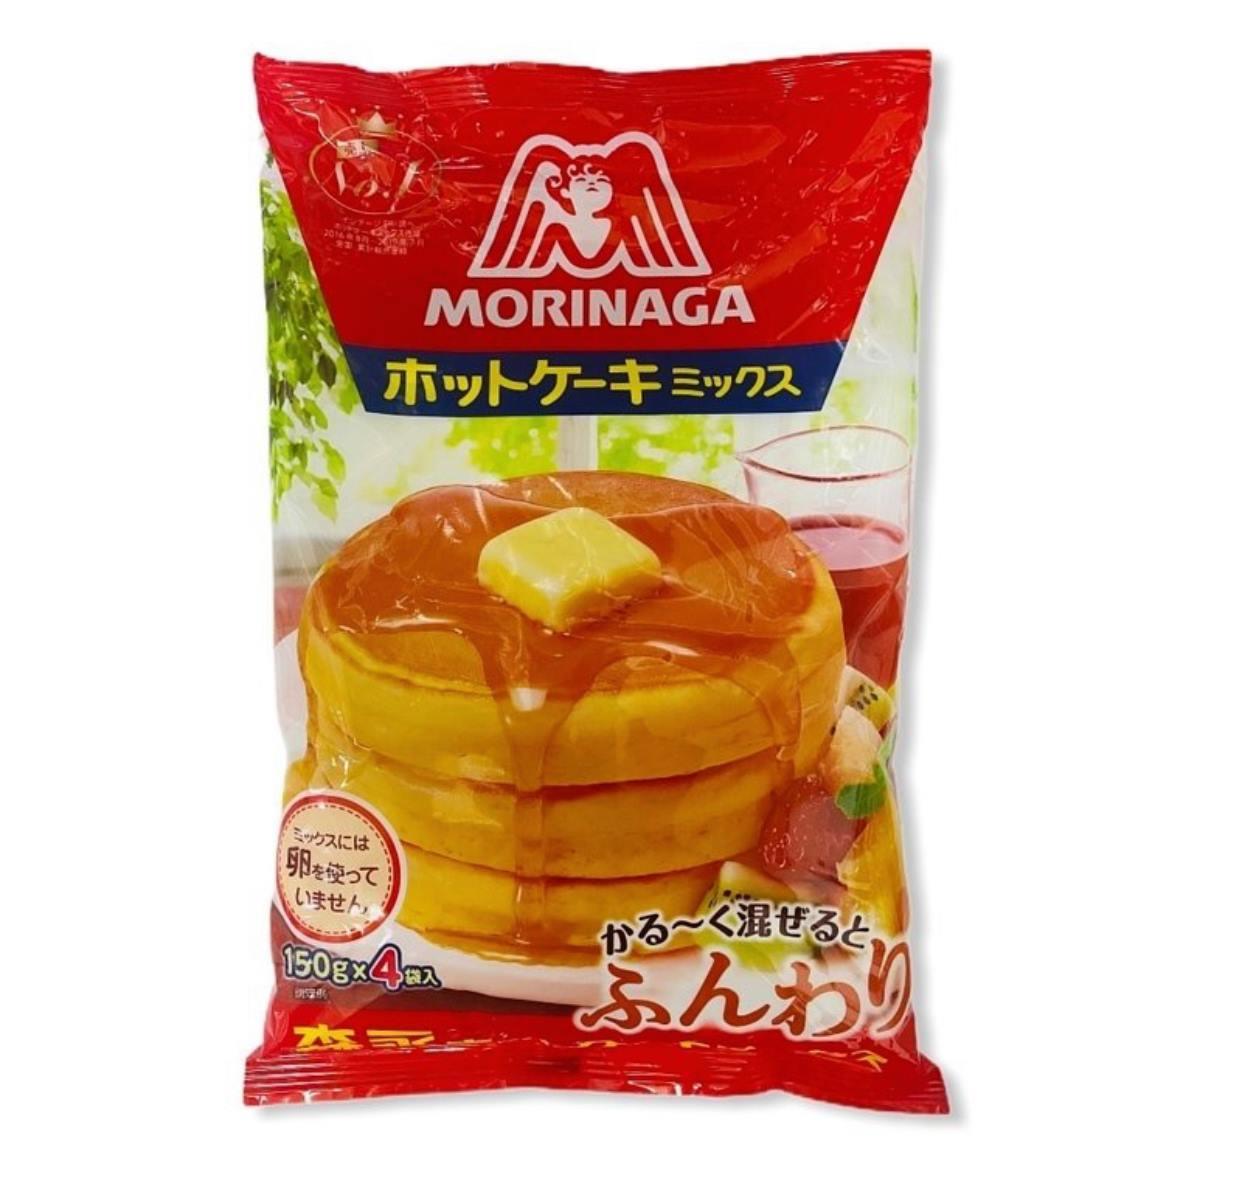 森永 家庭號鬆餅粉 150gx4小袋入